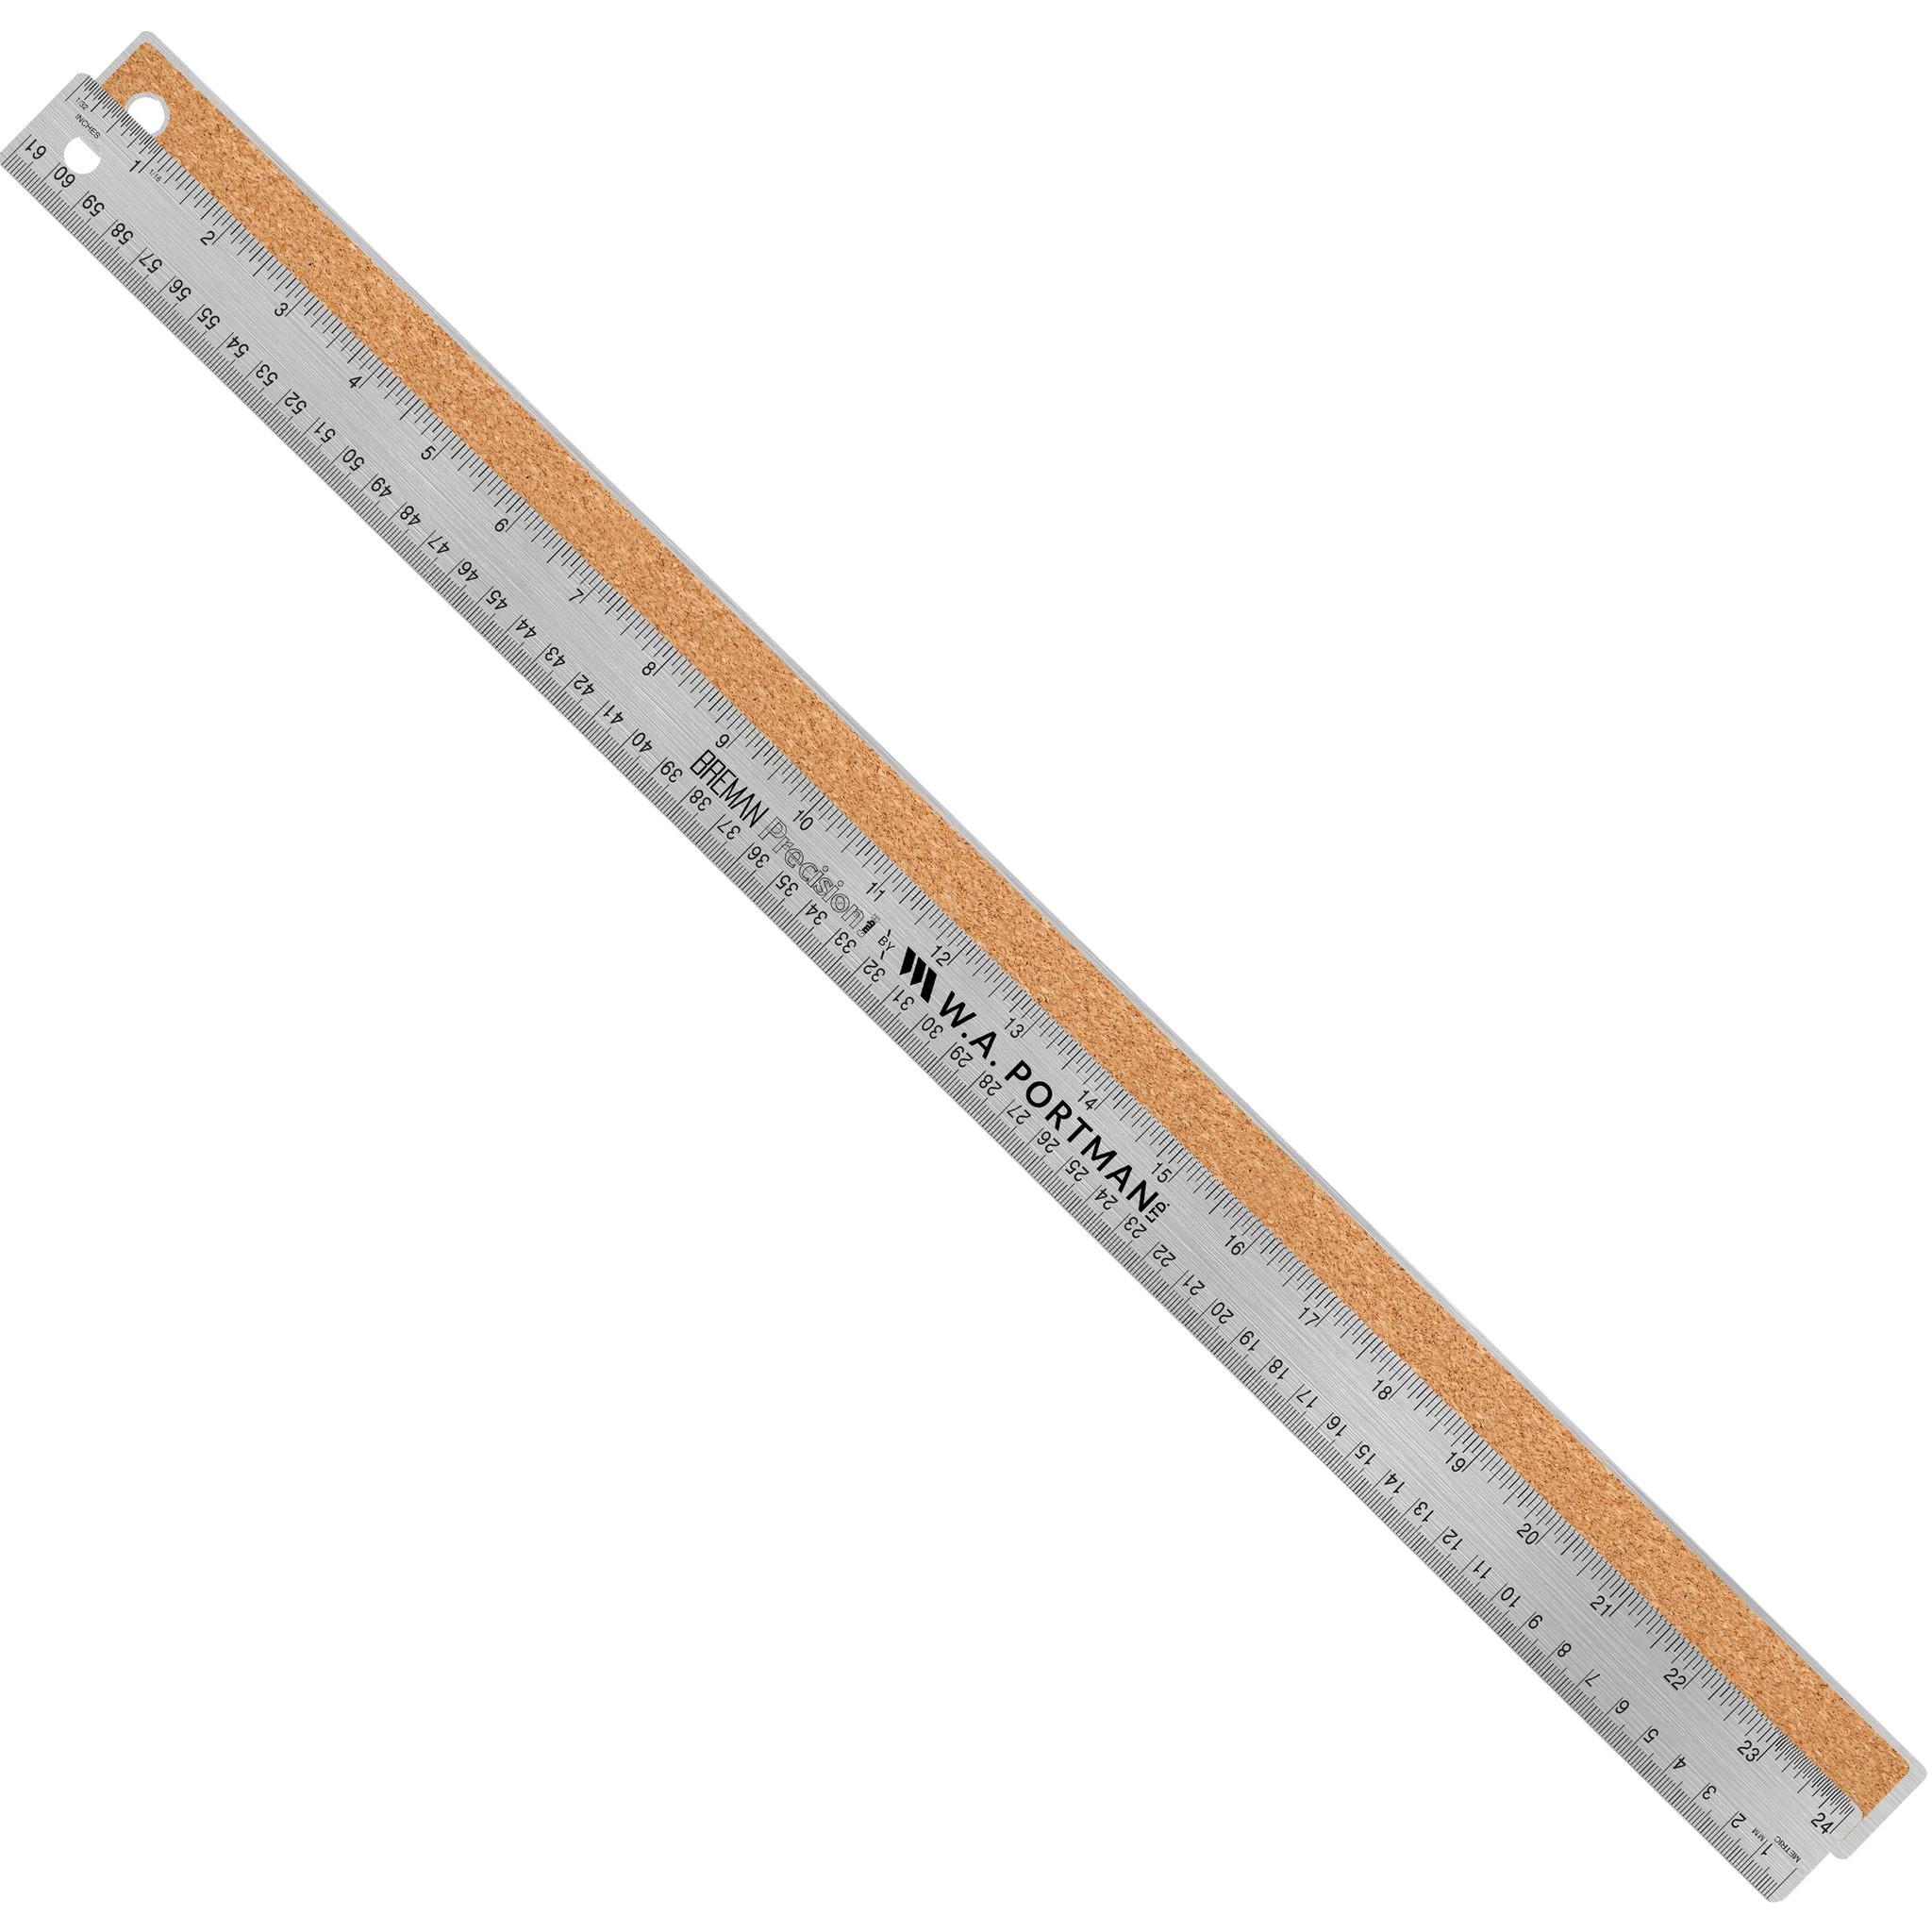 """W.A. Portman 24"""" Stainless Cork Back Ruler (1pk, 2pk, 10pk)"""